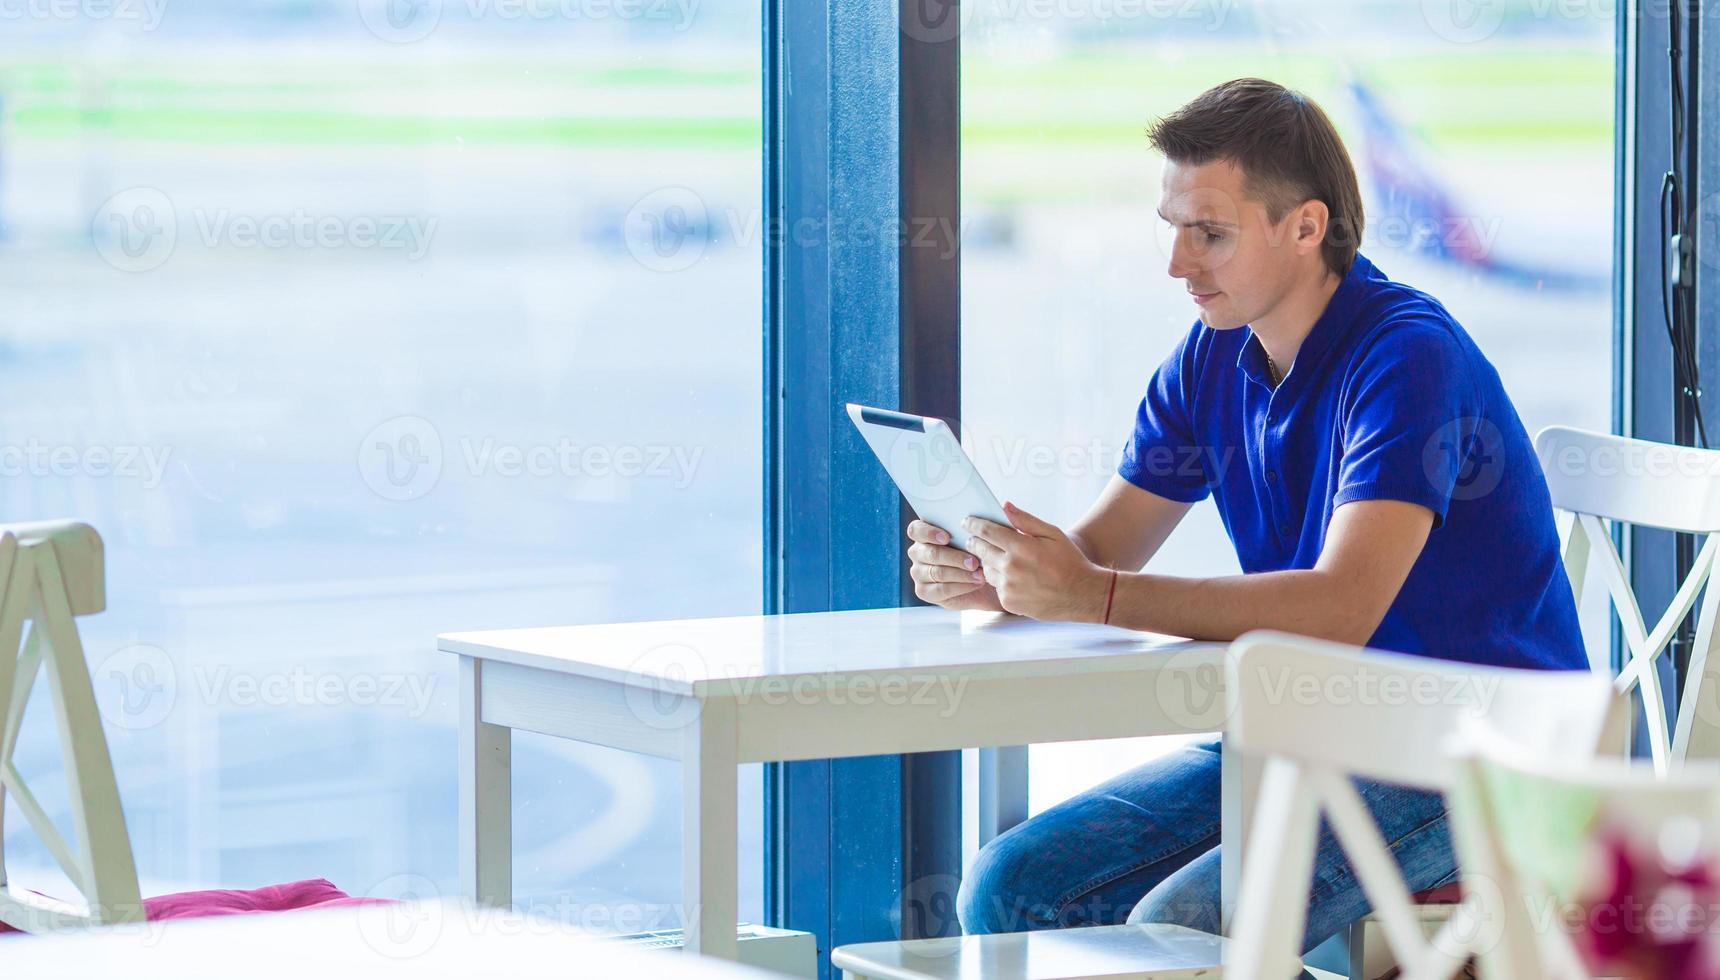 joven en la cafetería del aeropuerto mientras espera el embarque foto